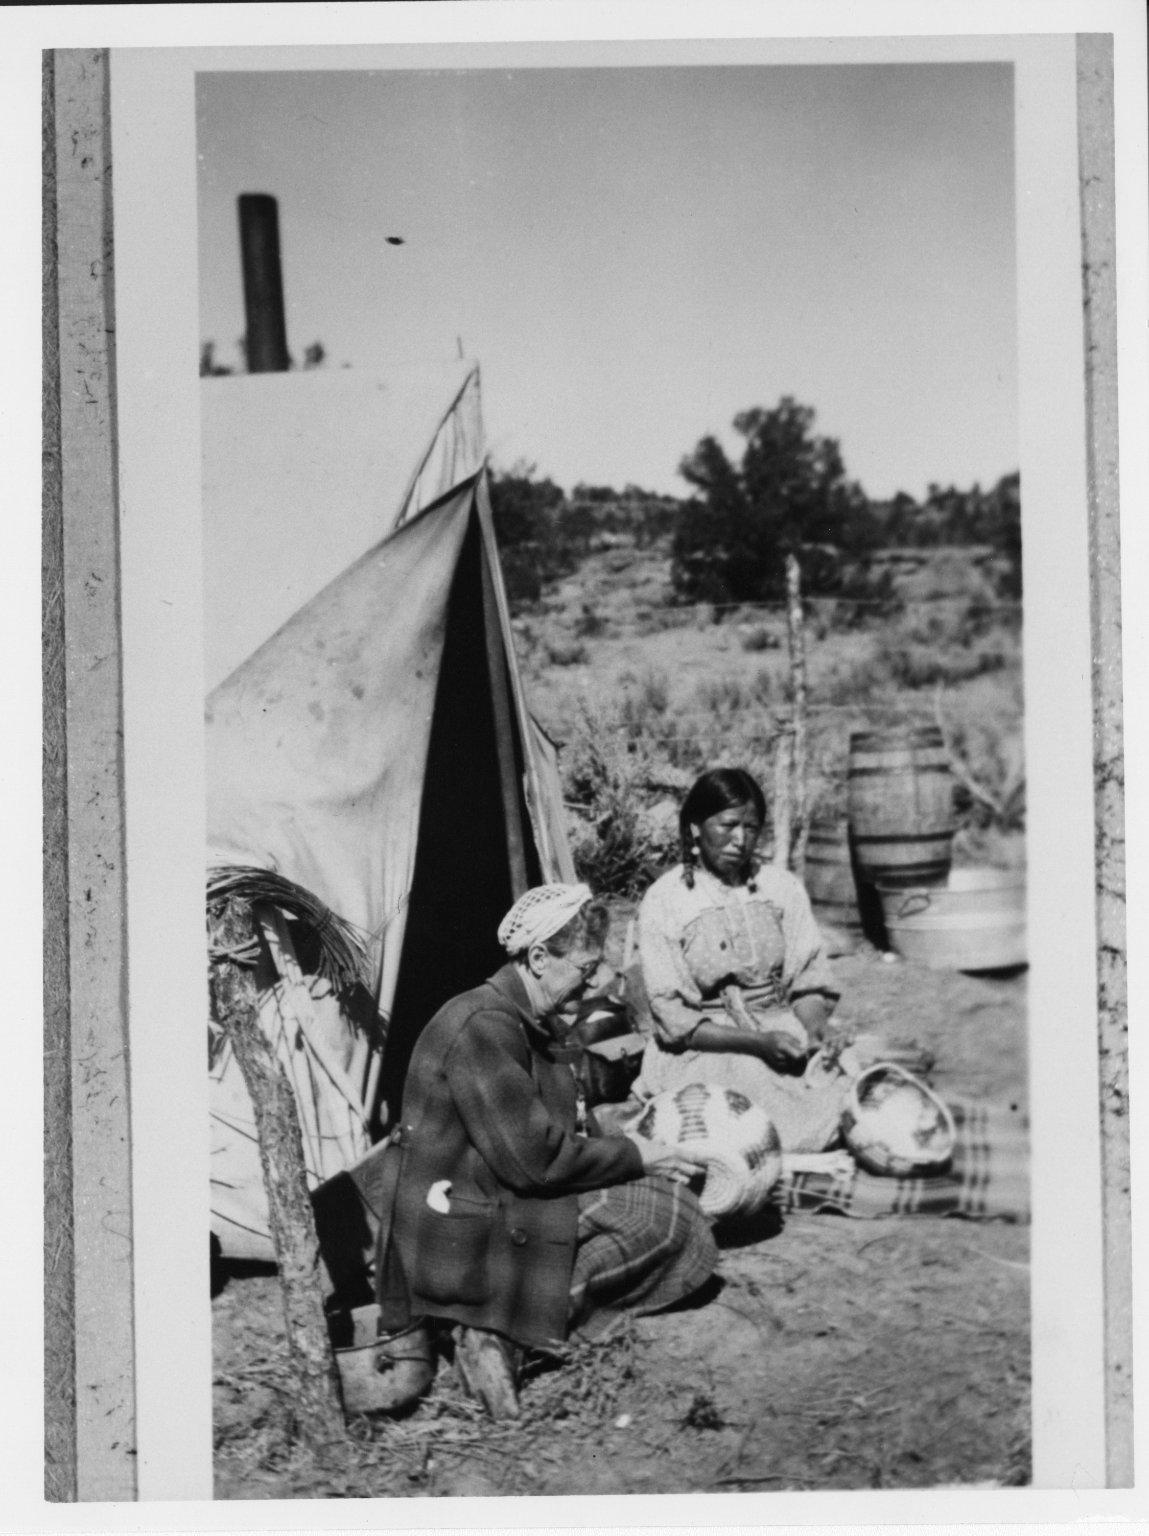 Mary Monarco with Hendrina Hospers.